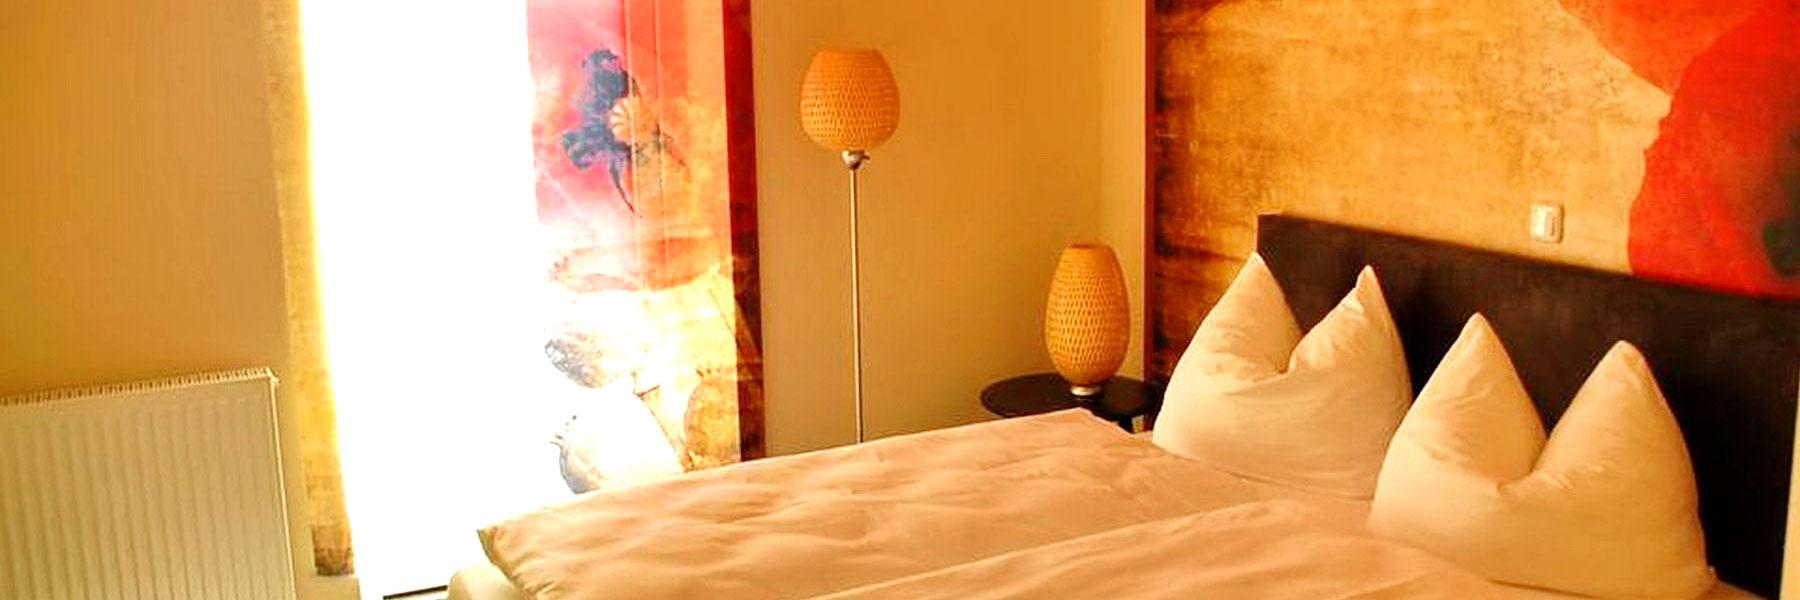 Restaurant Außenansicht - Casilino Hotel A20